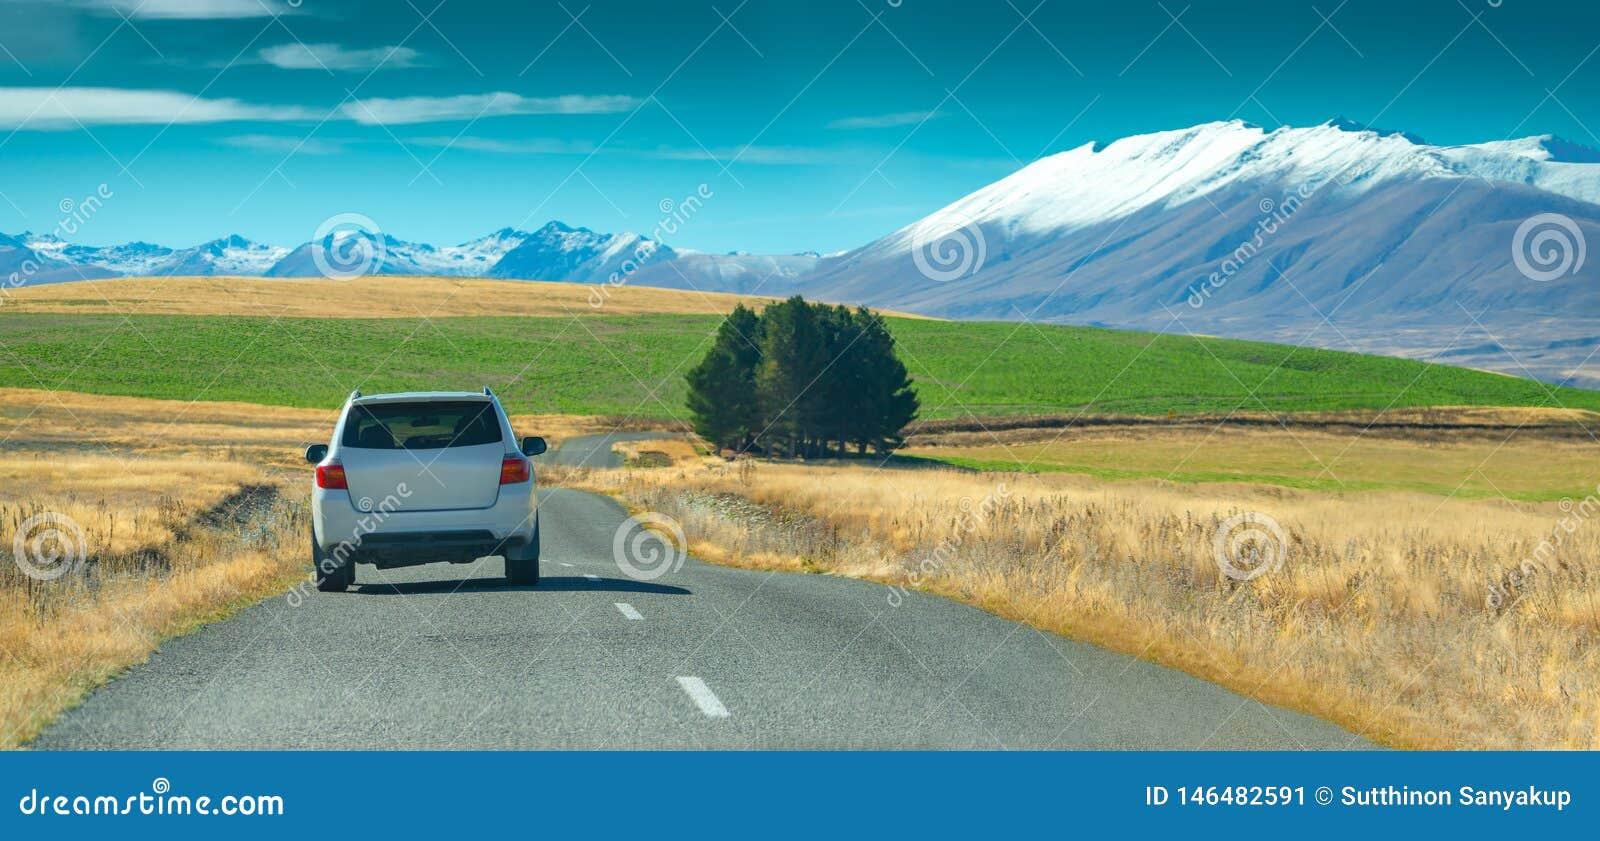 Серебряное вождение автомобиля кроссовера быстро на дороге асфальта сельской местности против голубого неба с белыми облаками Дли